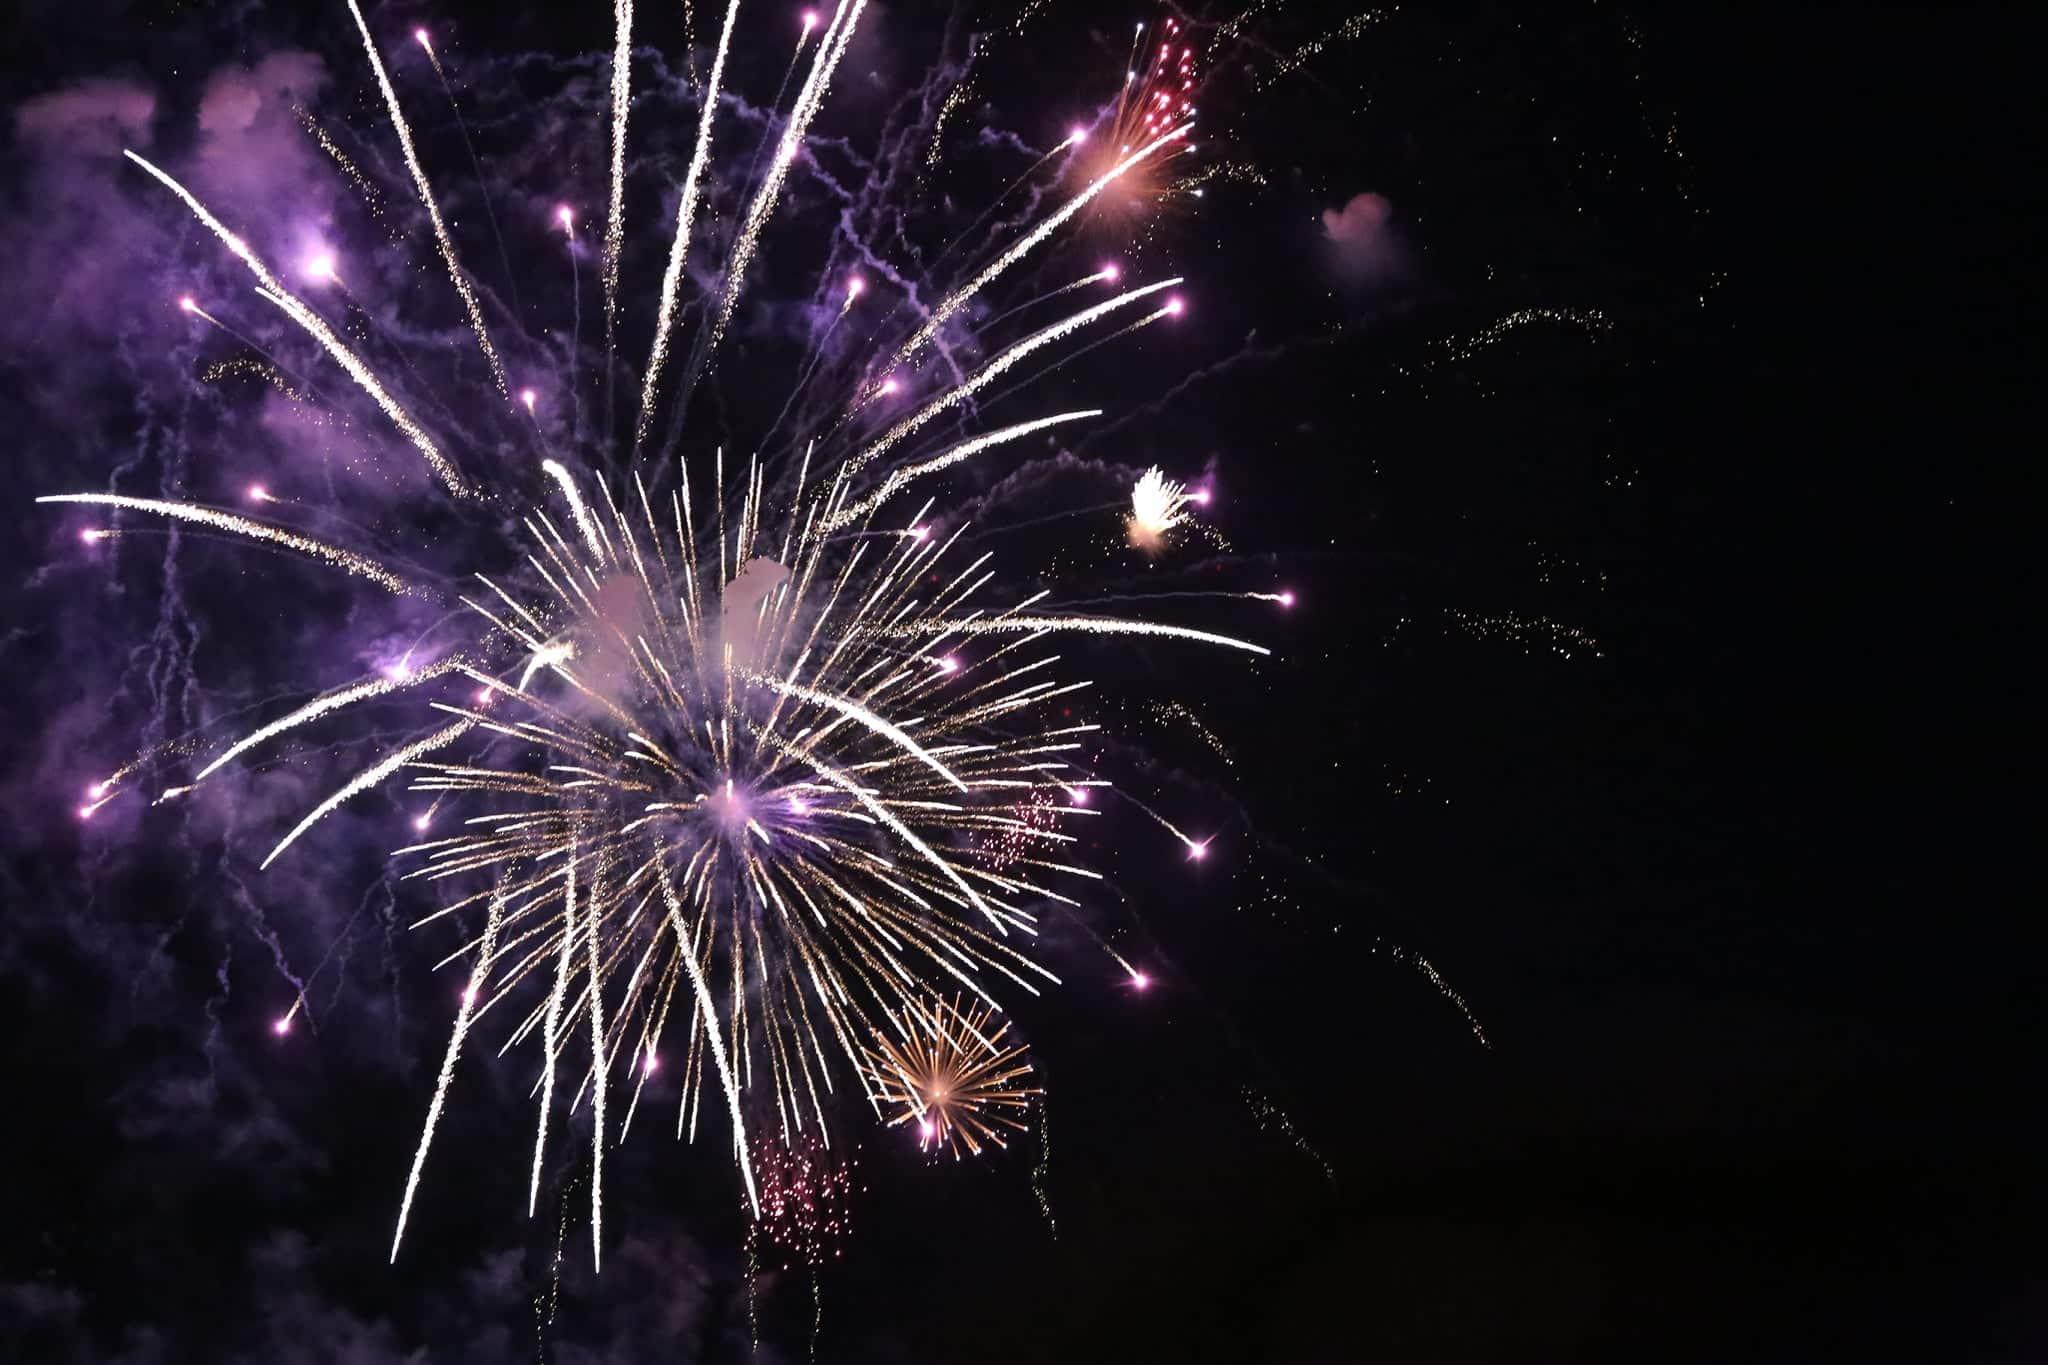 Pháo hoa rực sáng đẹp hút hồn trên bầu trời Sài Gòn, ngàn người vỗ tay tán thưởng - 15